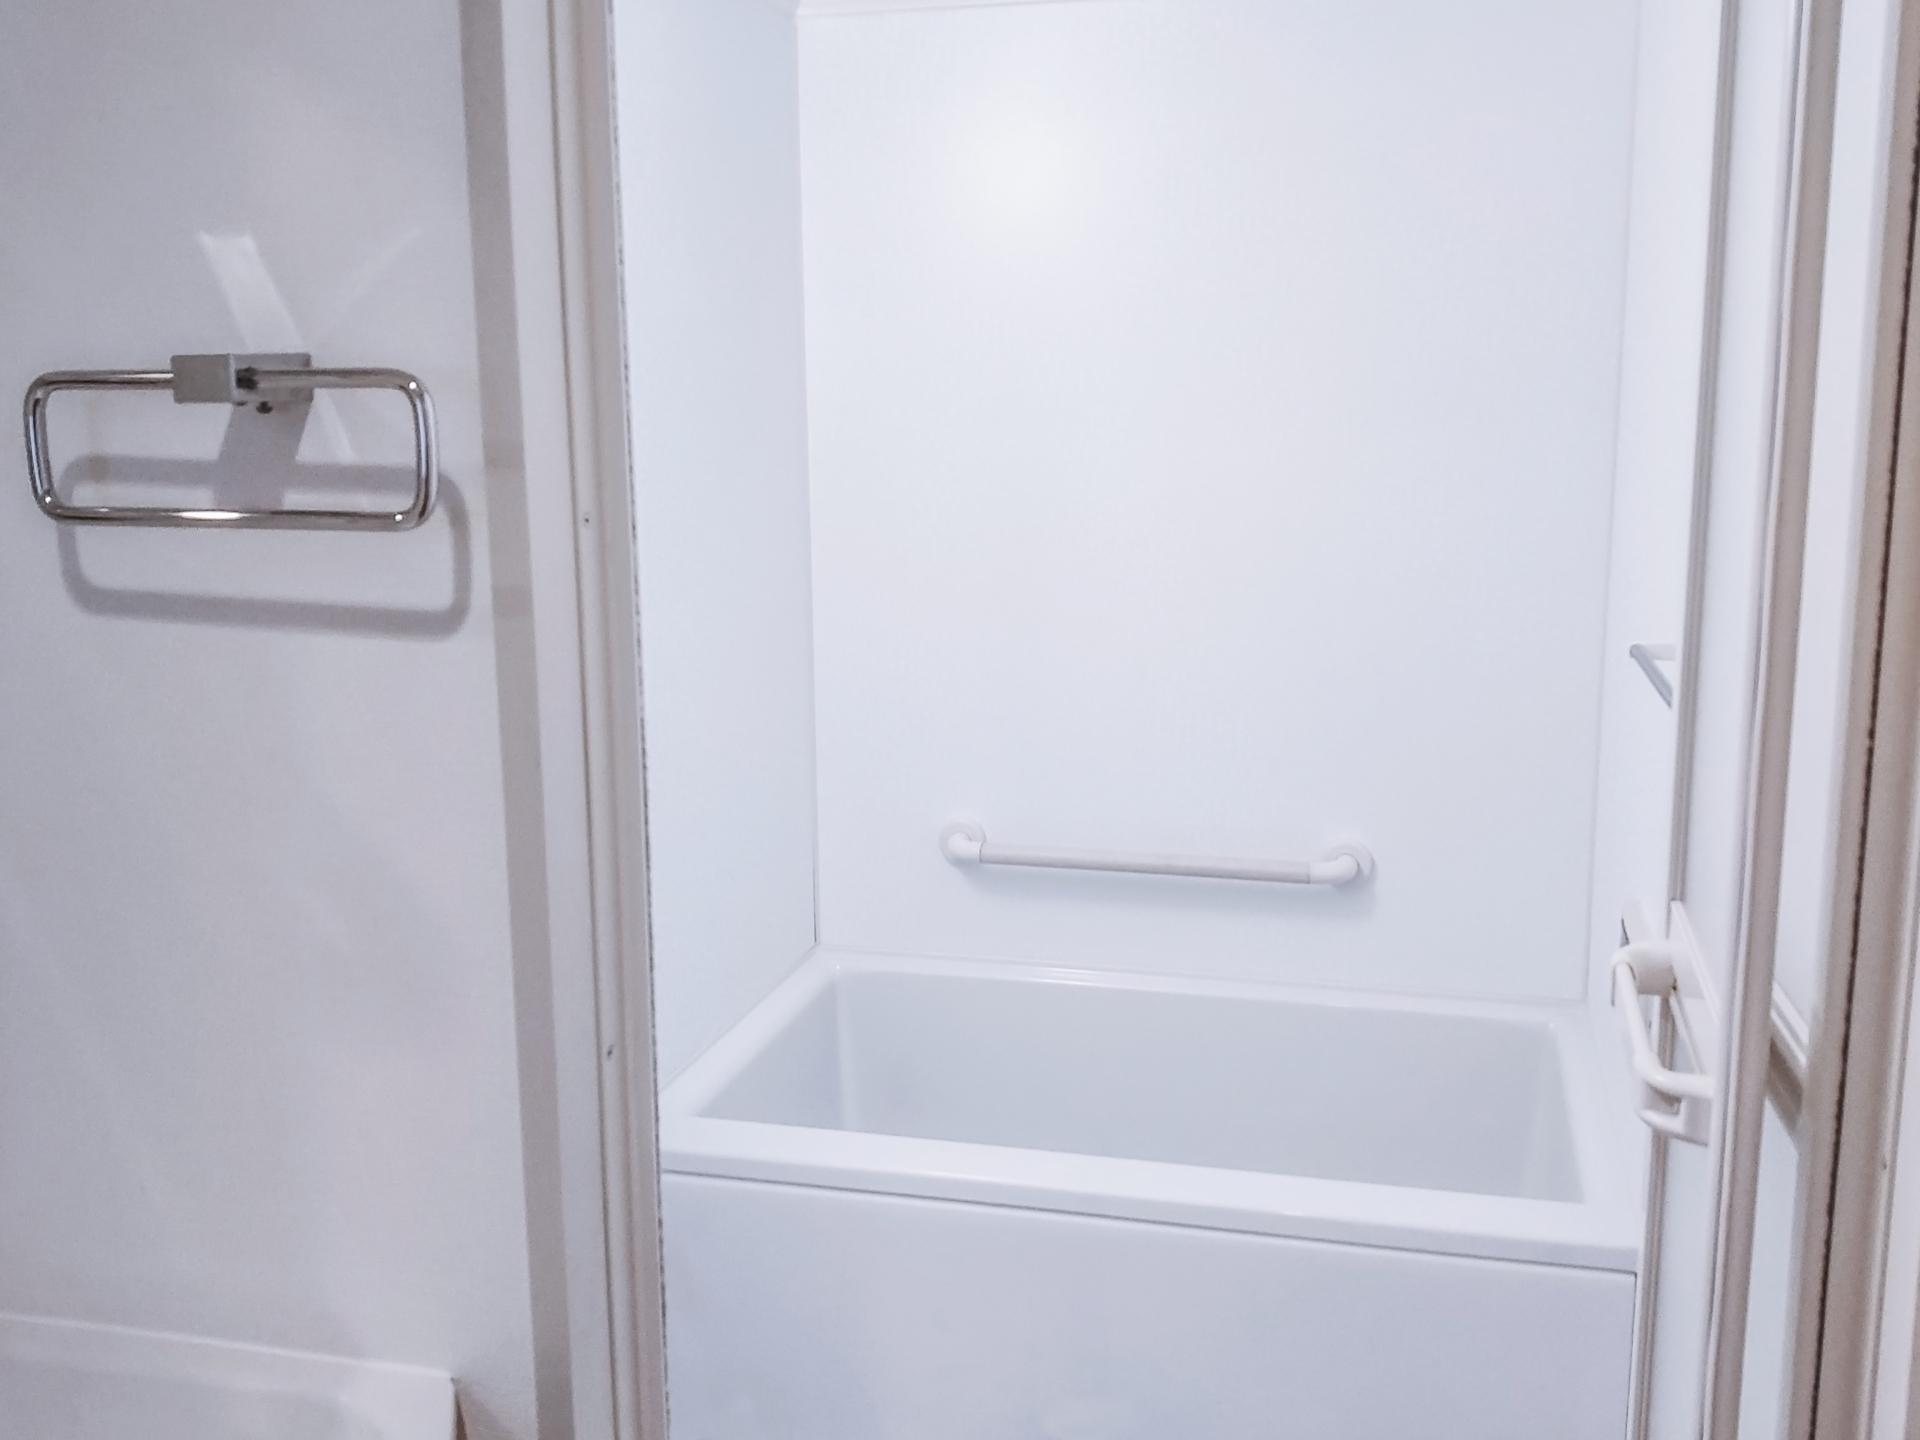 給湯器で502エラーコードが表示されるメーカーごとの原因